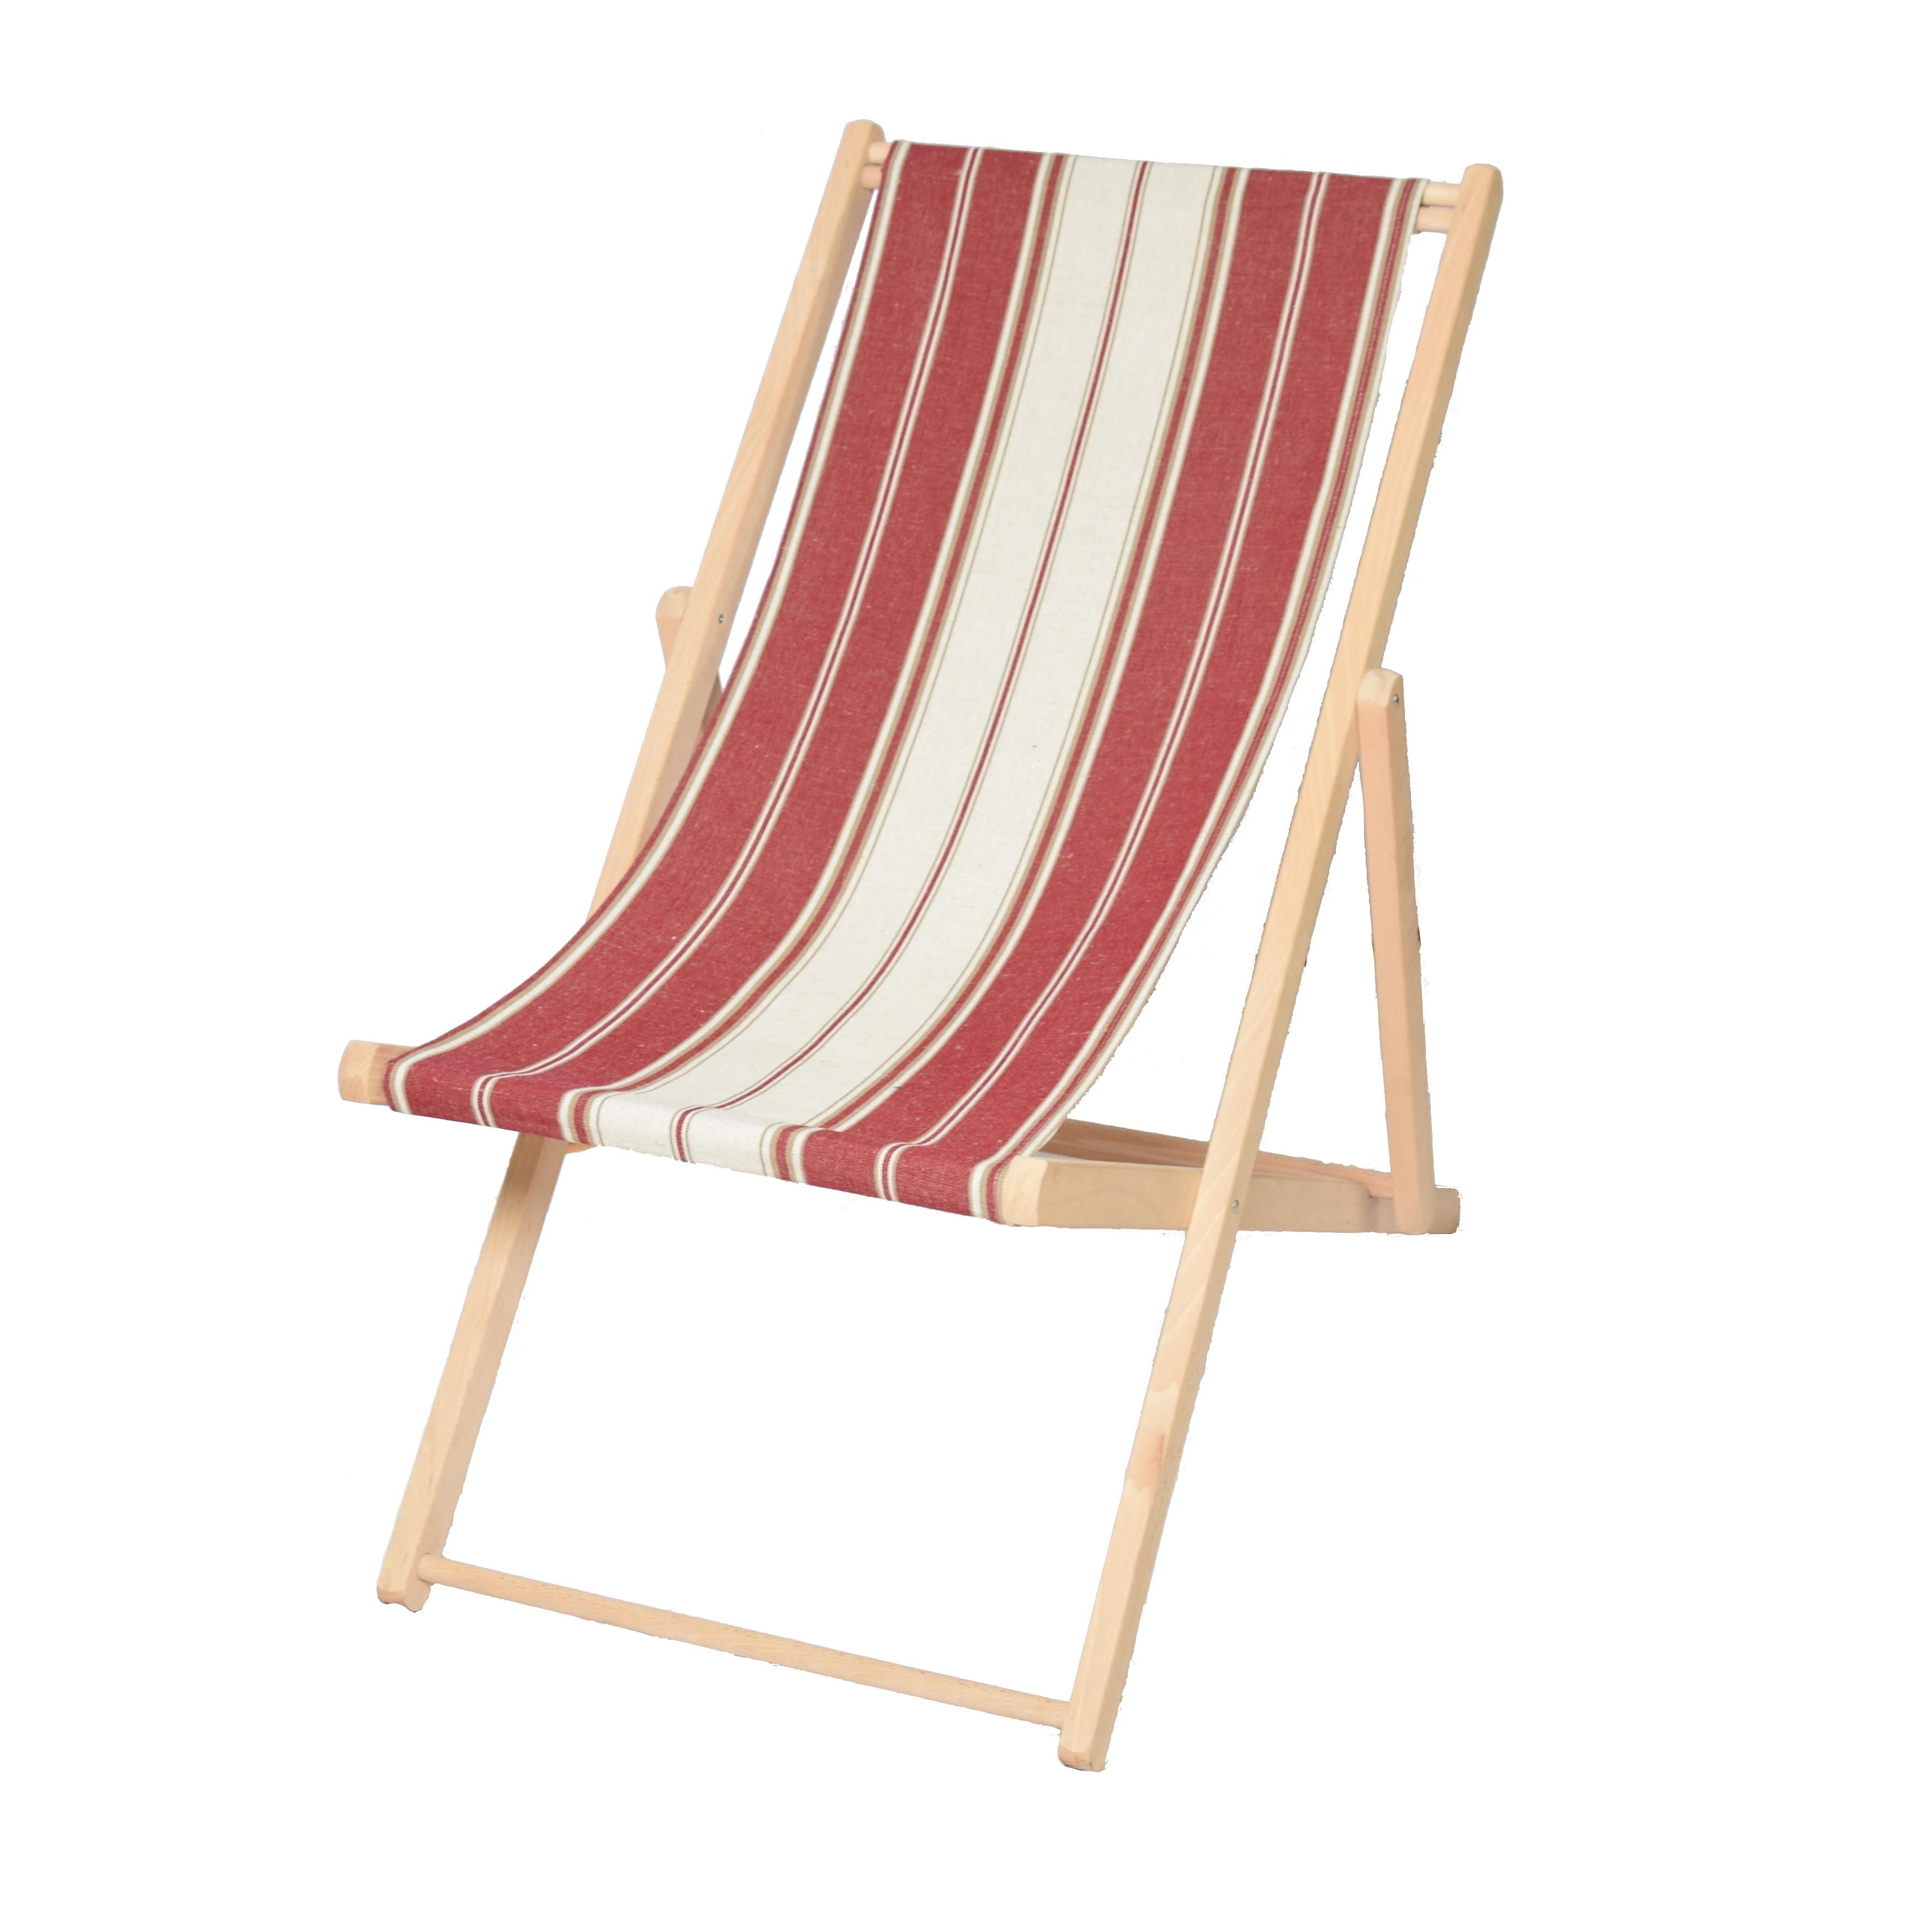 Toile transat pour chaise longue grenat fabriqu en france for Changer toile chaise longue